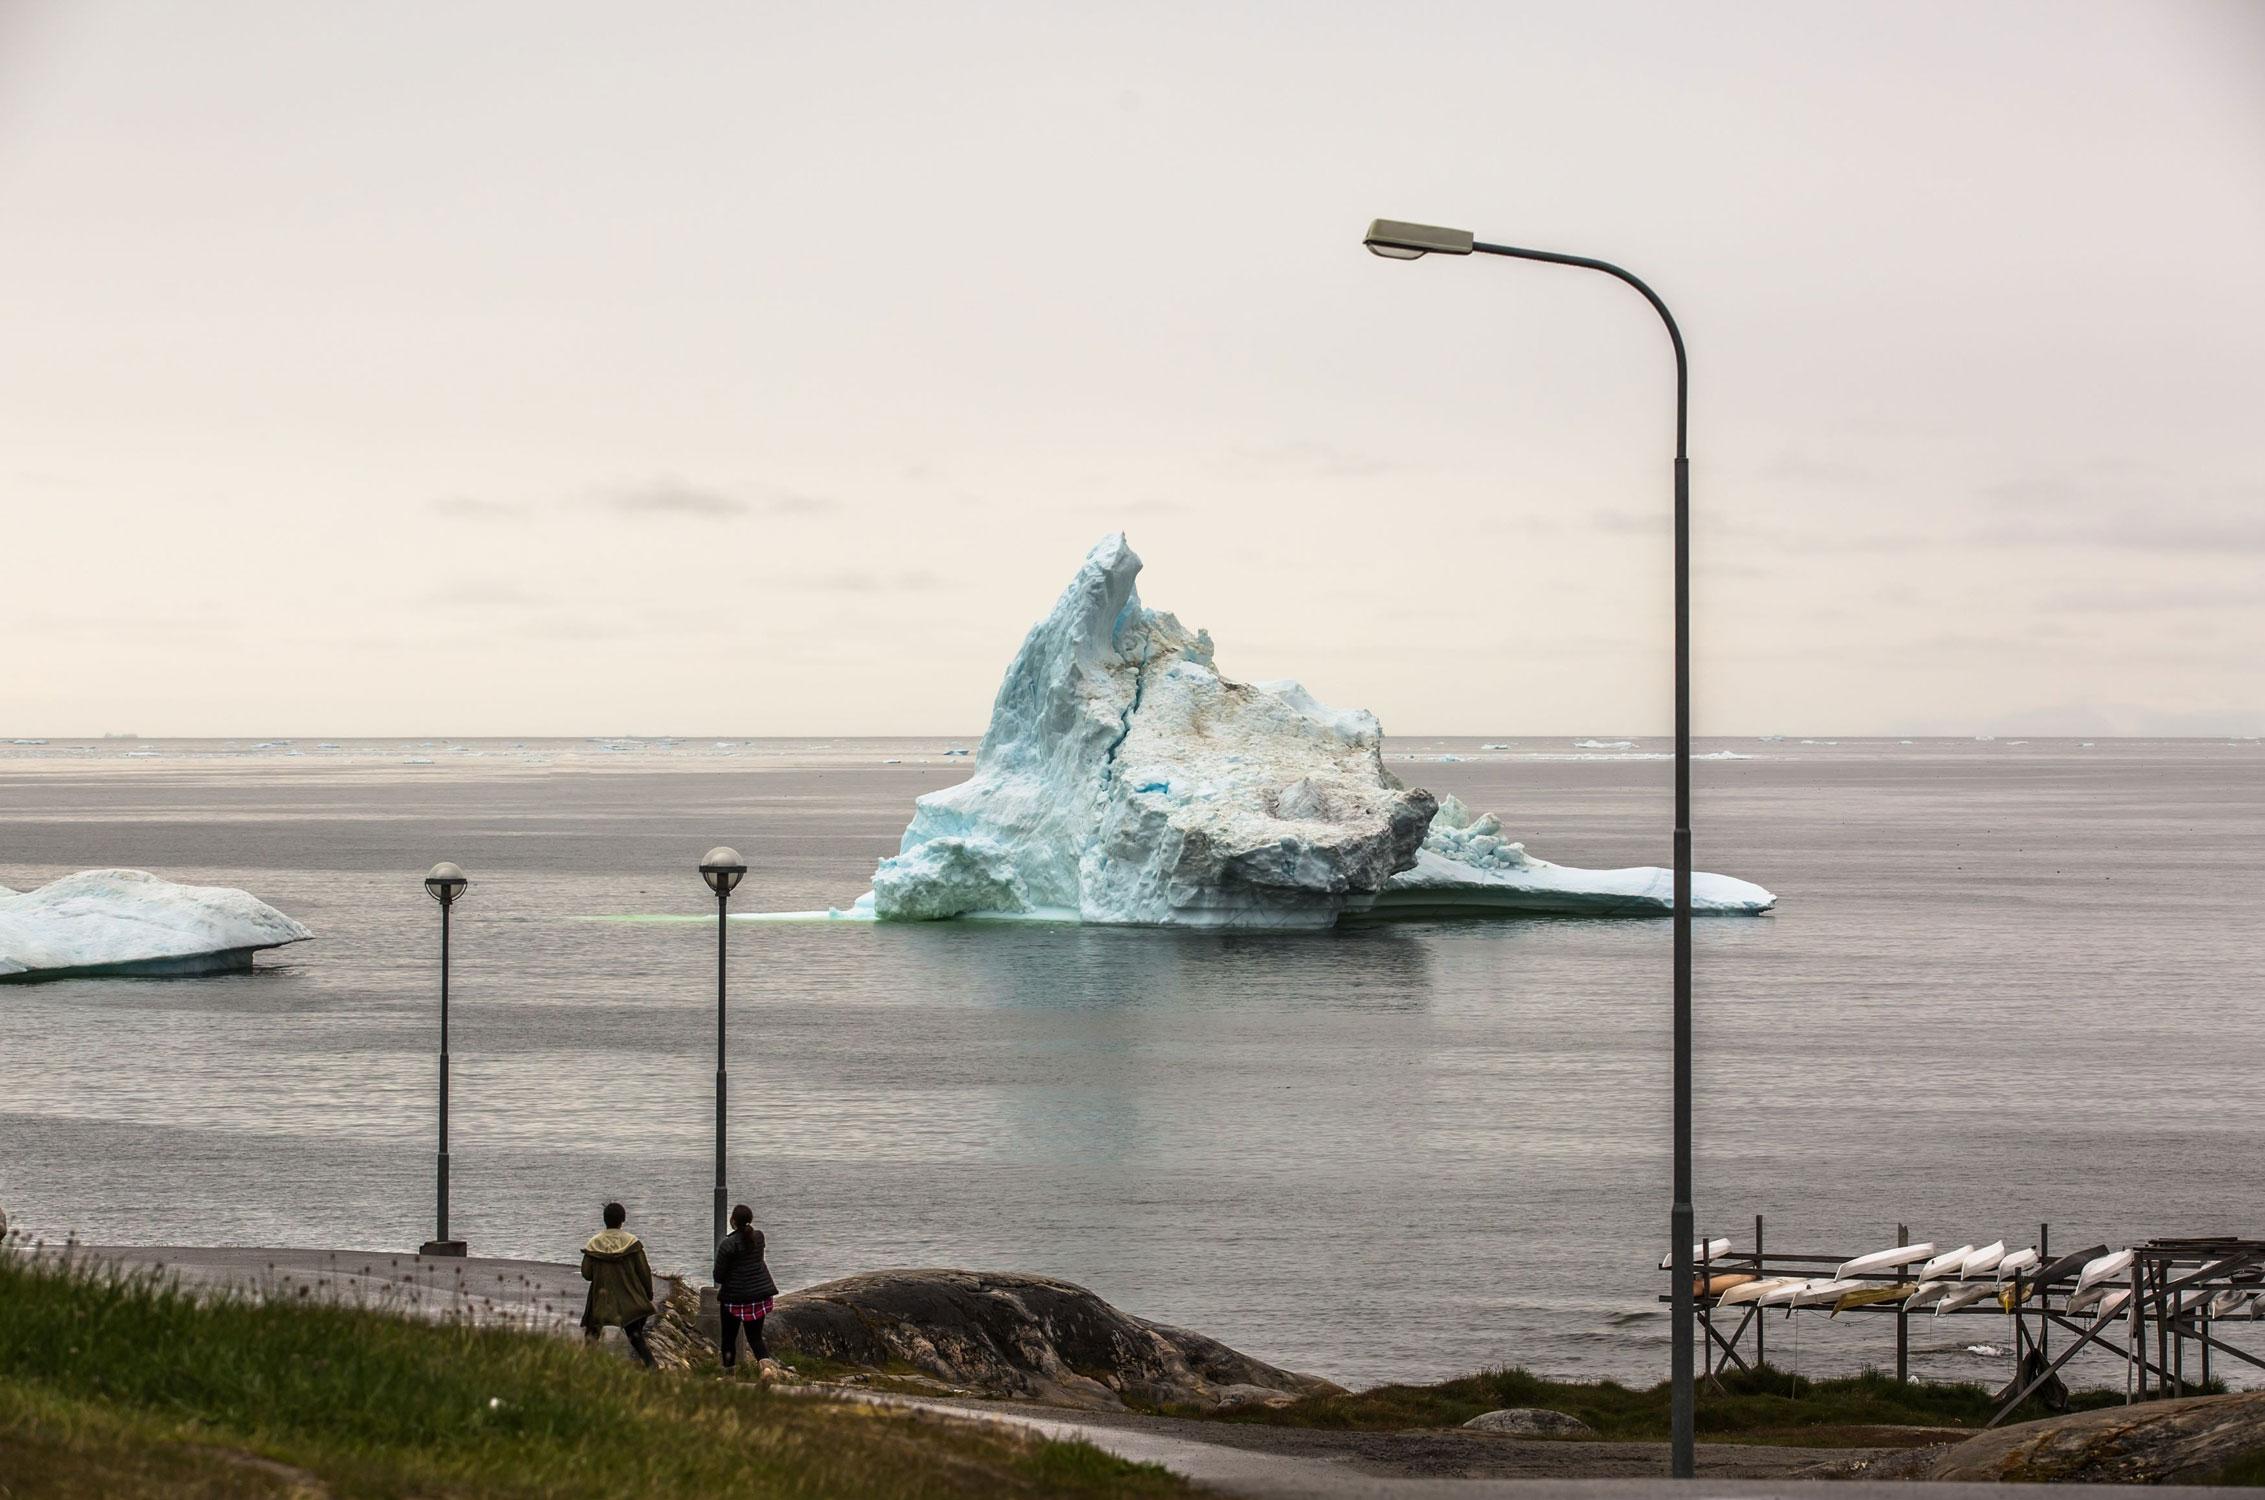 Илулиссат назападном побережье Гренландии, в250 км ксеверу отСеверного полярного круга, находится недалеко отЛедового фьорда — морского устья ледника Якобсхавн, включенного вСписок объектов всемирного наследия с2004 года. Илулиссат, столица муниципалитета Каасуитсуп, — третий повеличине город вГренландии. Рыбный порт имеет важное значение дляэкономической деятельности города. 26 июня 2016 года